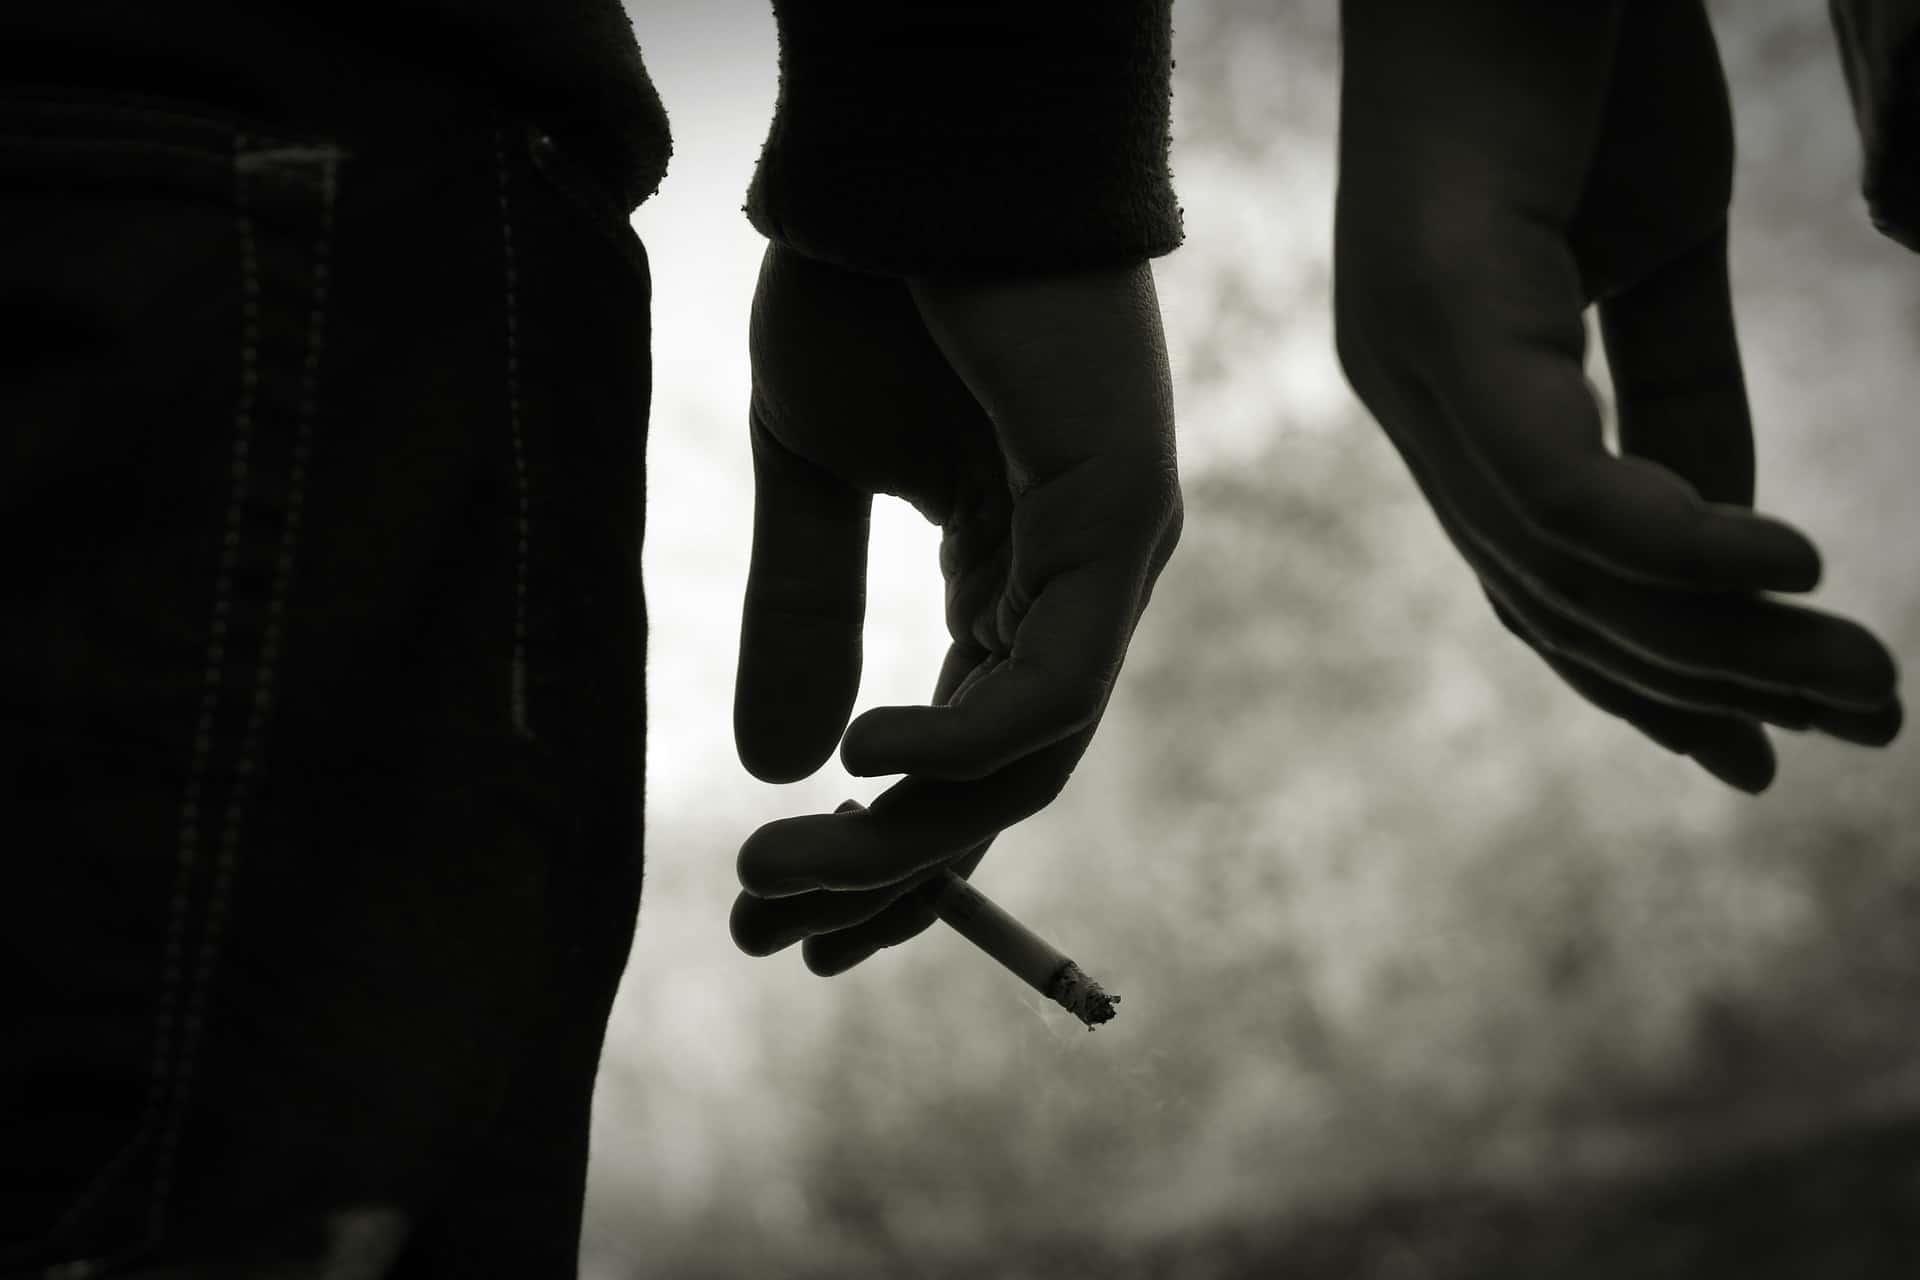 מפת הסכנות של בני הנוער לחופש הגדול, צילום אילוסטרציה